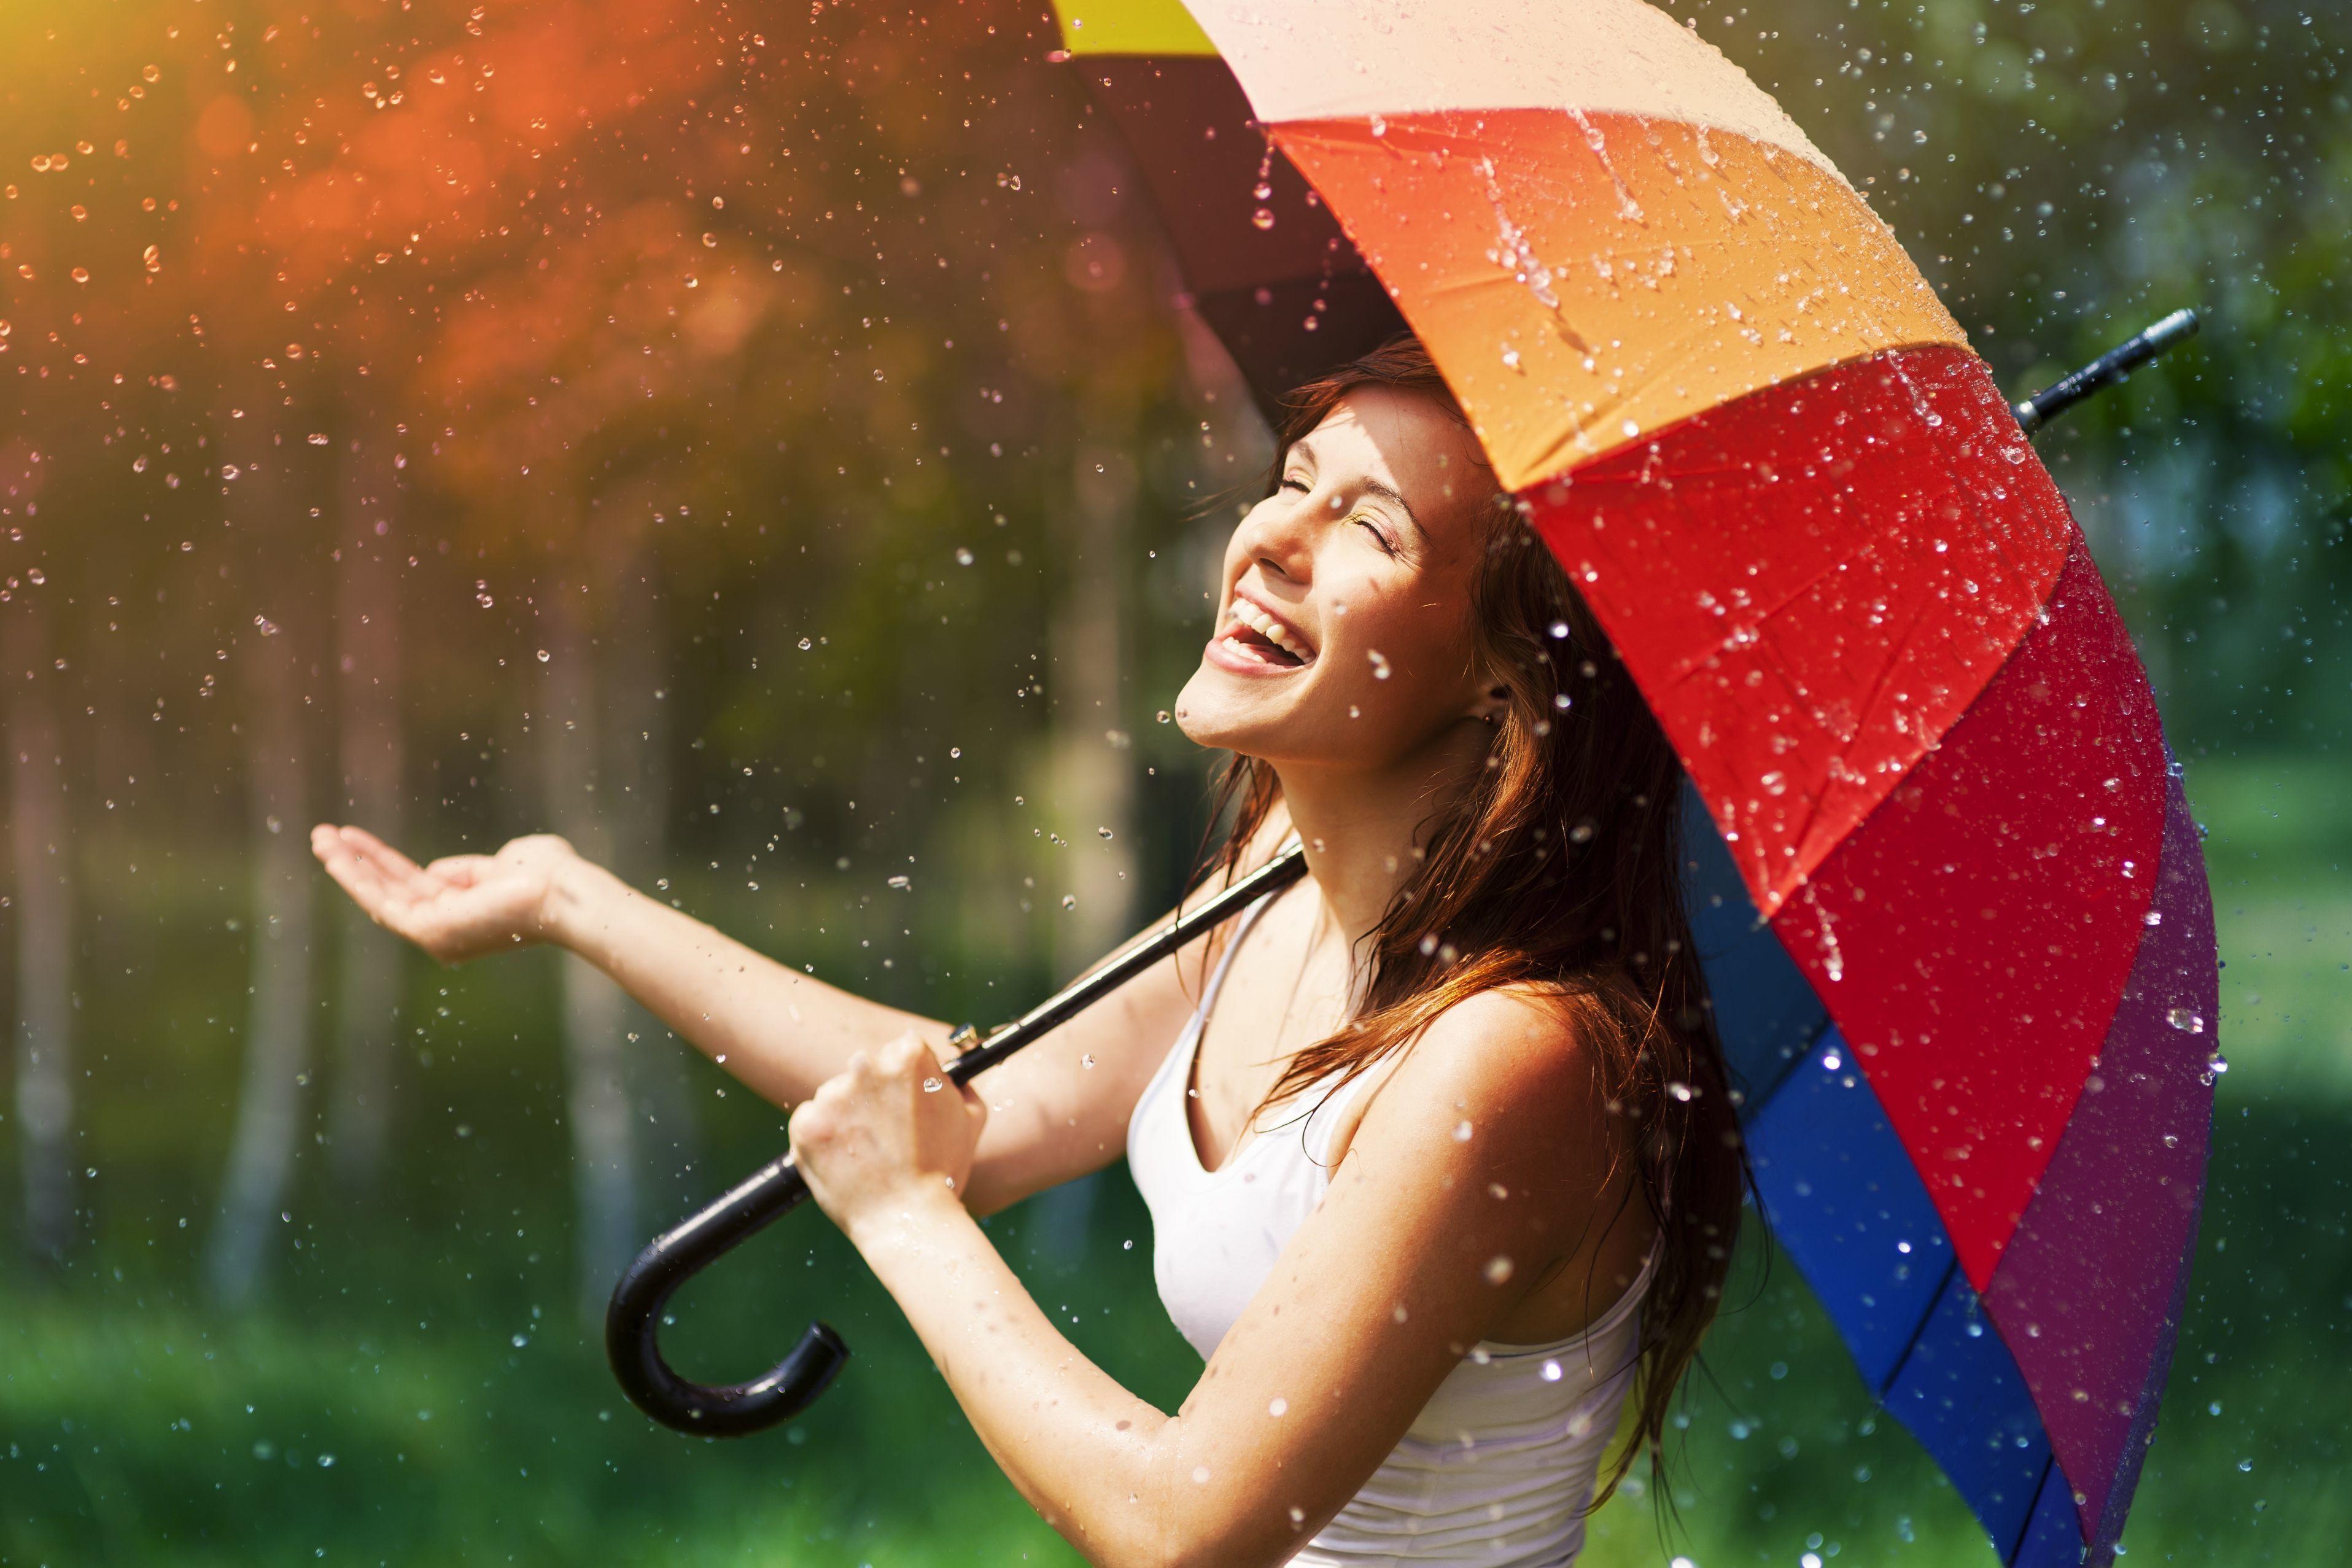 Неблагоприятные дни наступят в октябре 2020 года для метеочувствительных людей из-за повышенной активности Солнца